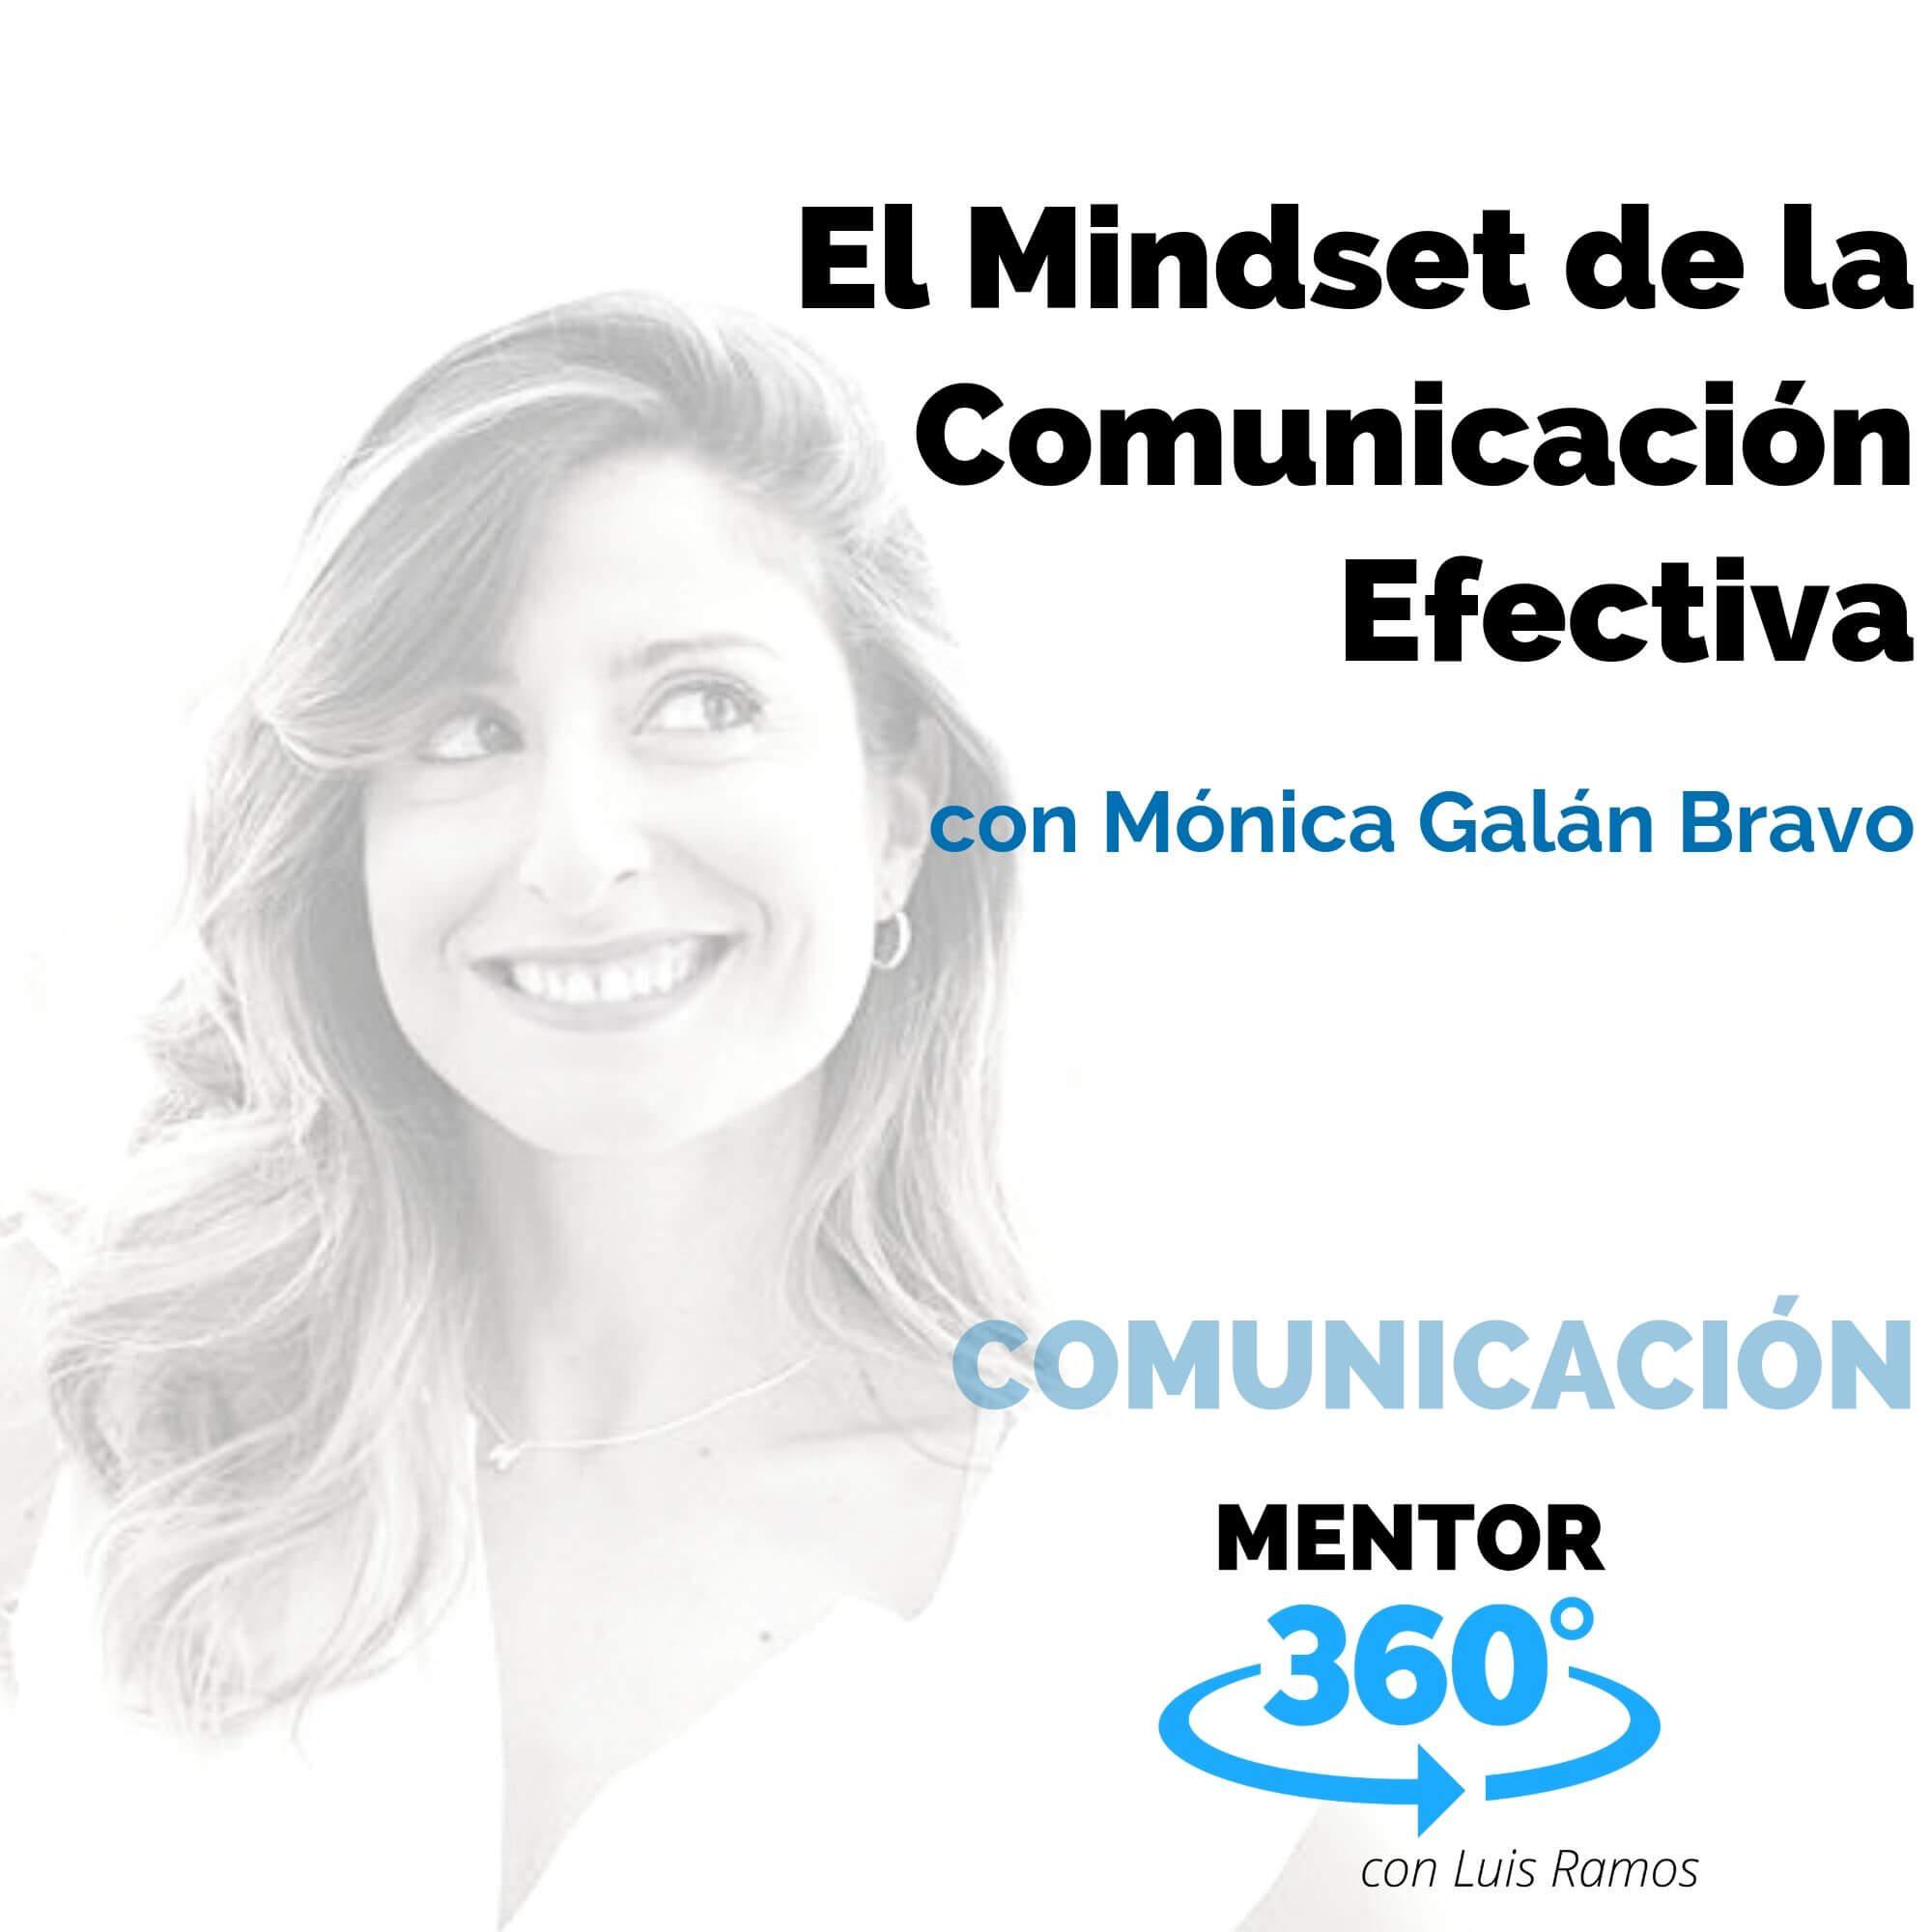 El Mindset de la Comunicación Efectiva, con Mónica Galán Bravo - COMUNICACIÓN